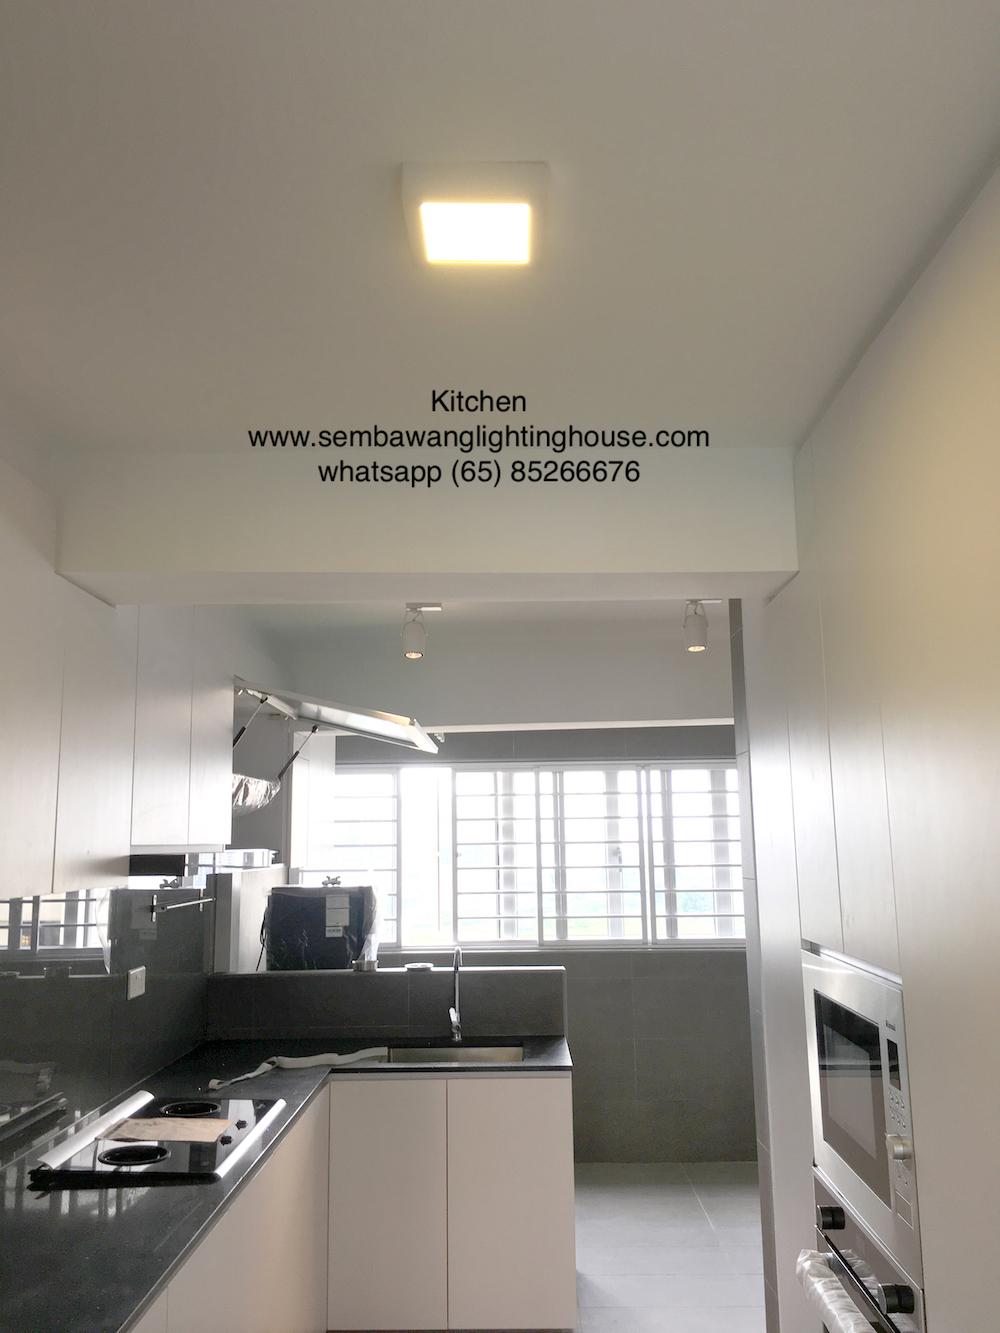 plain-square-ceiling-lamp-sample01-kitchen-sembawang-lighting-house-.jpg